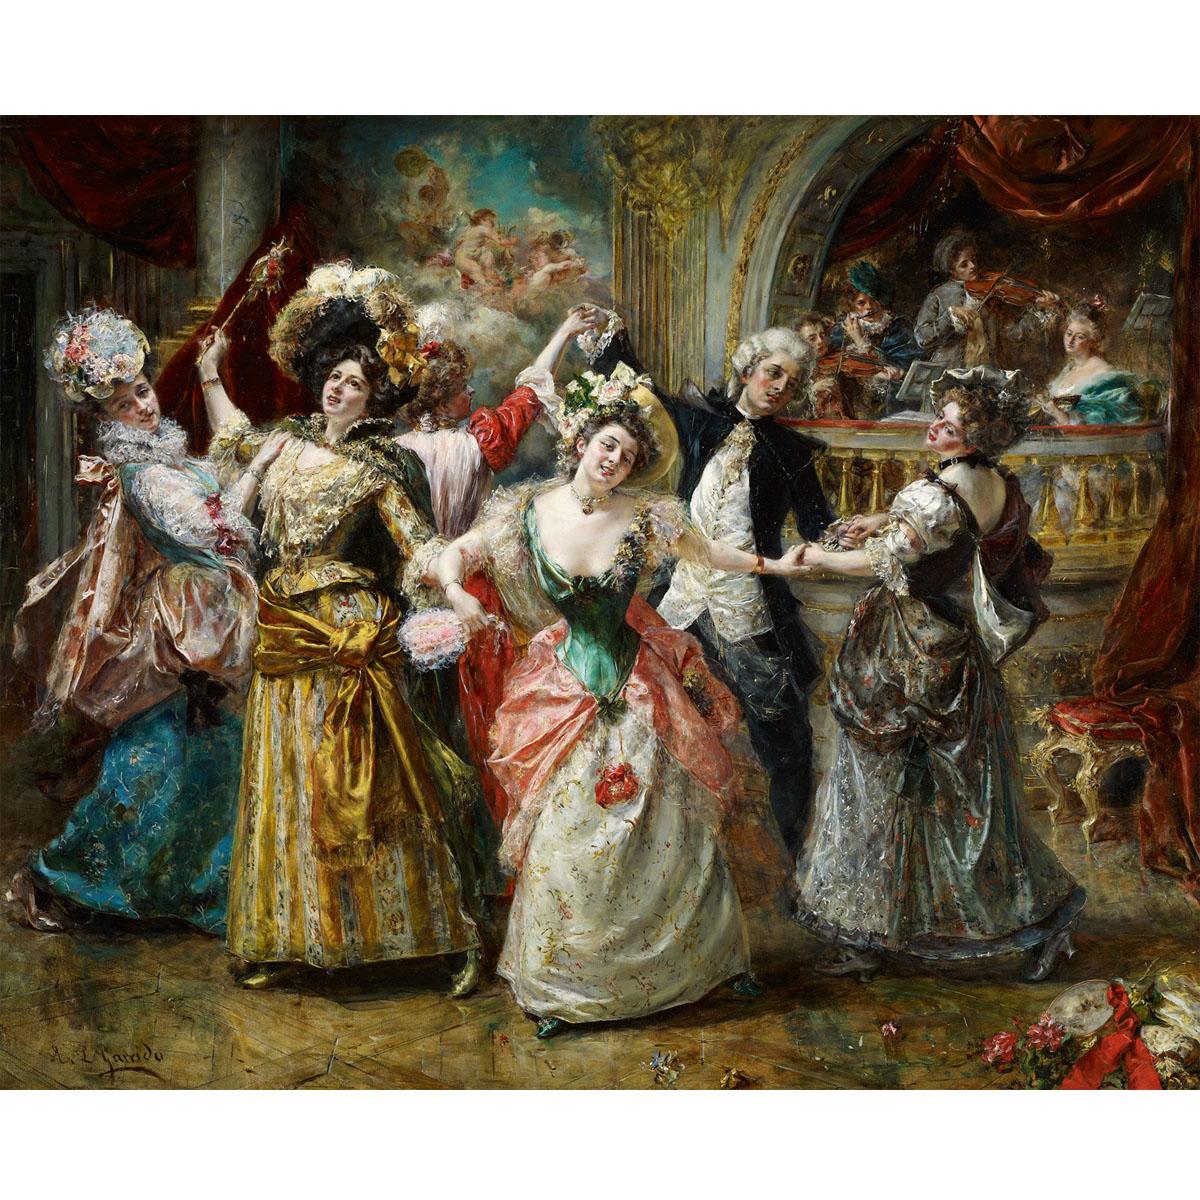 60-48图集世纪欧洲宫廷油画MH-B17-19#0925芯人物装饰画国外油画